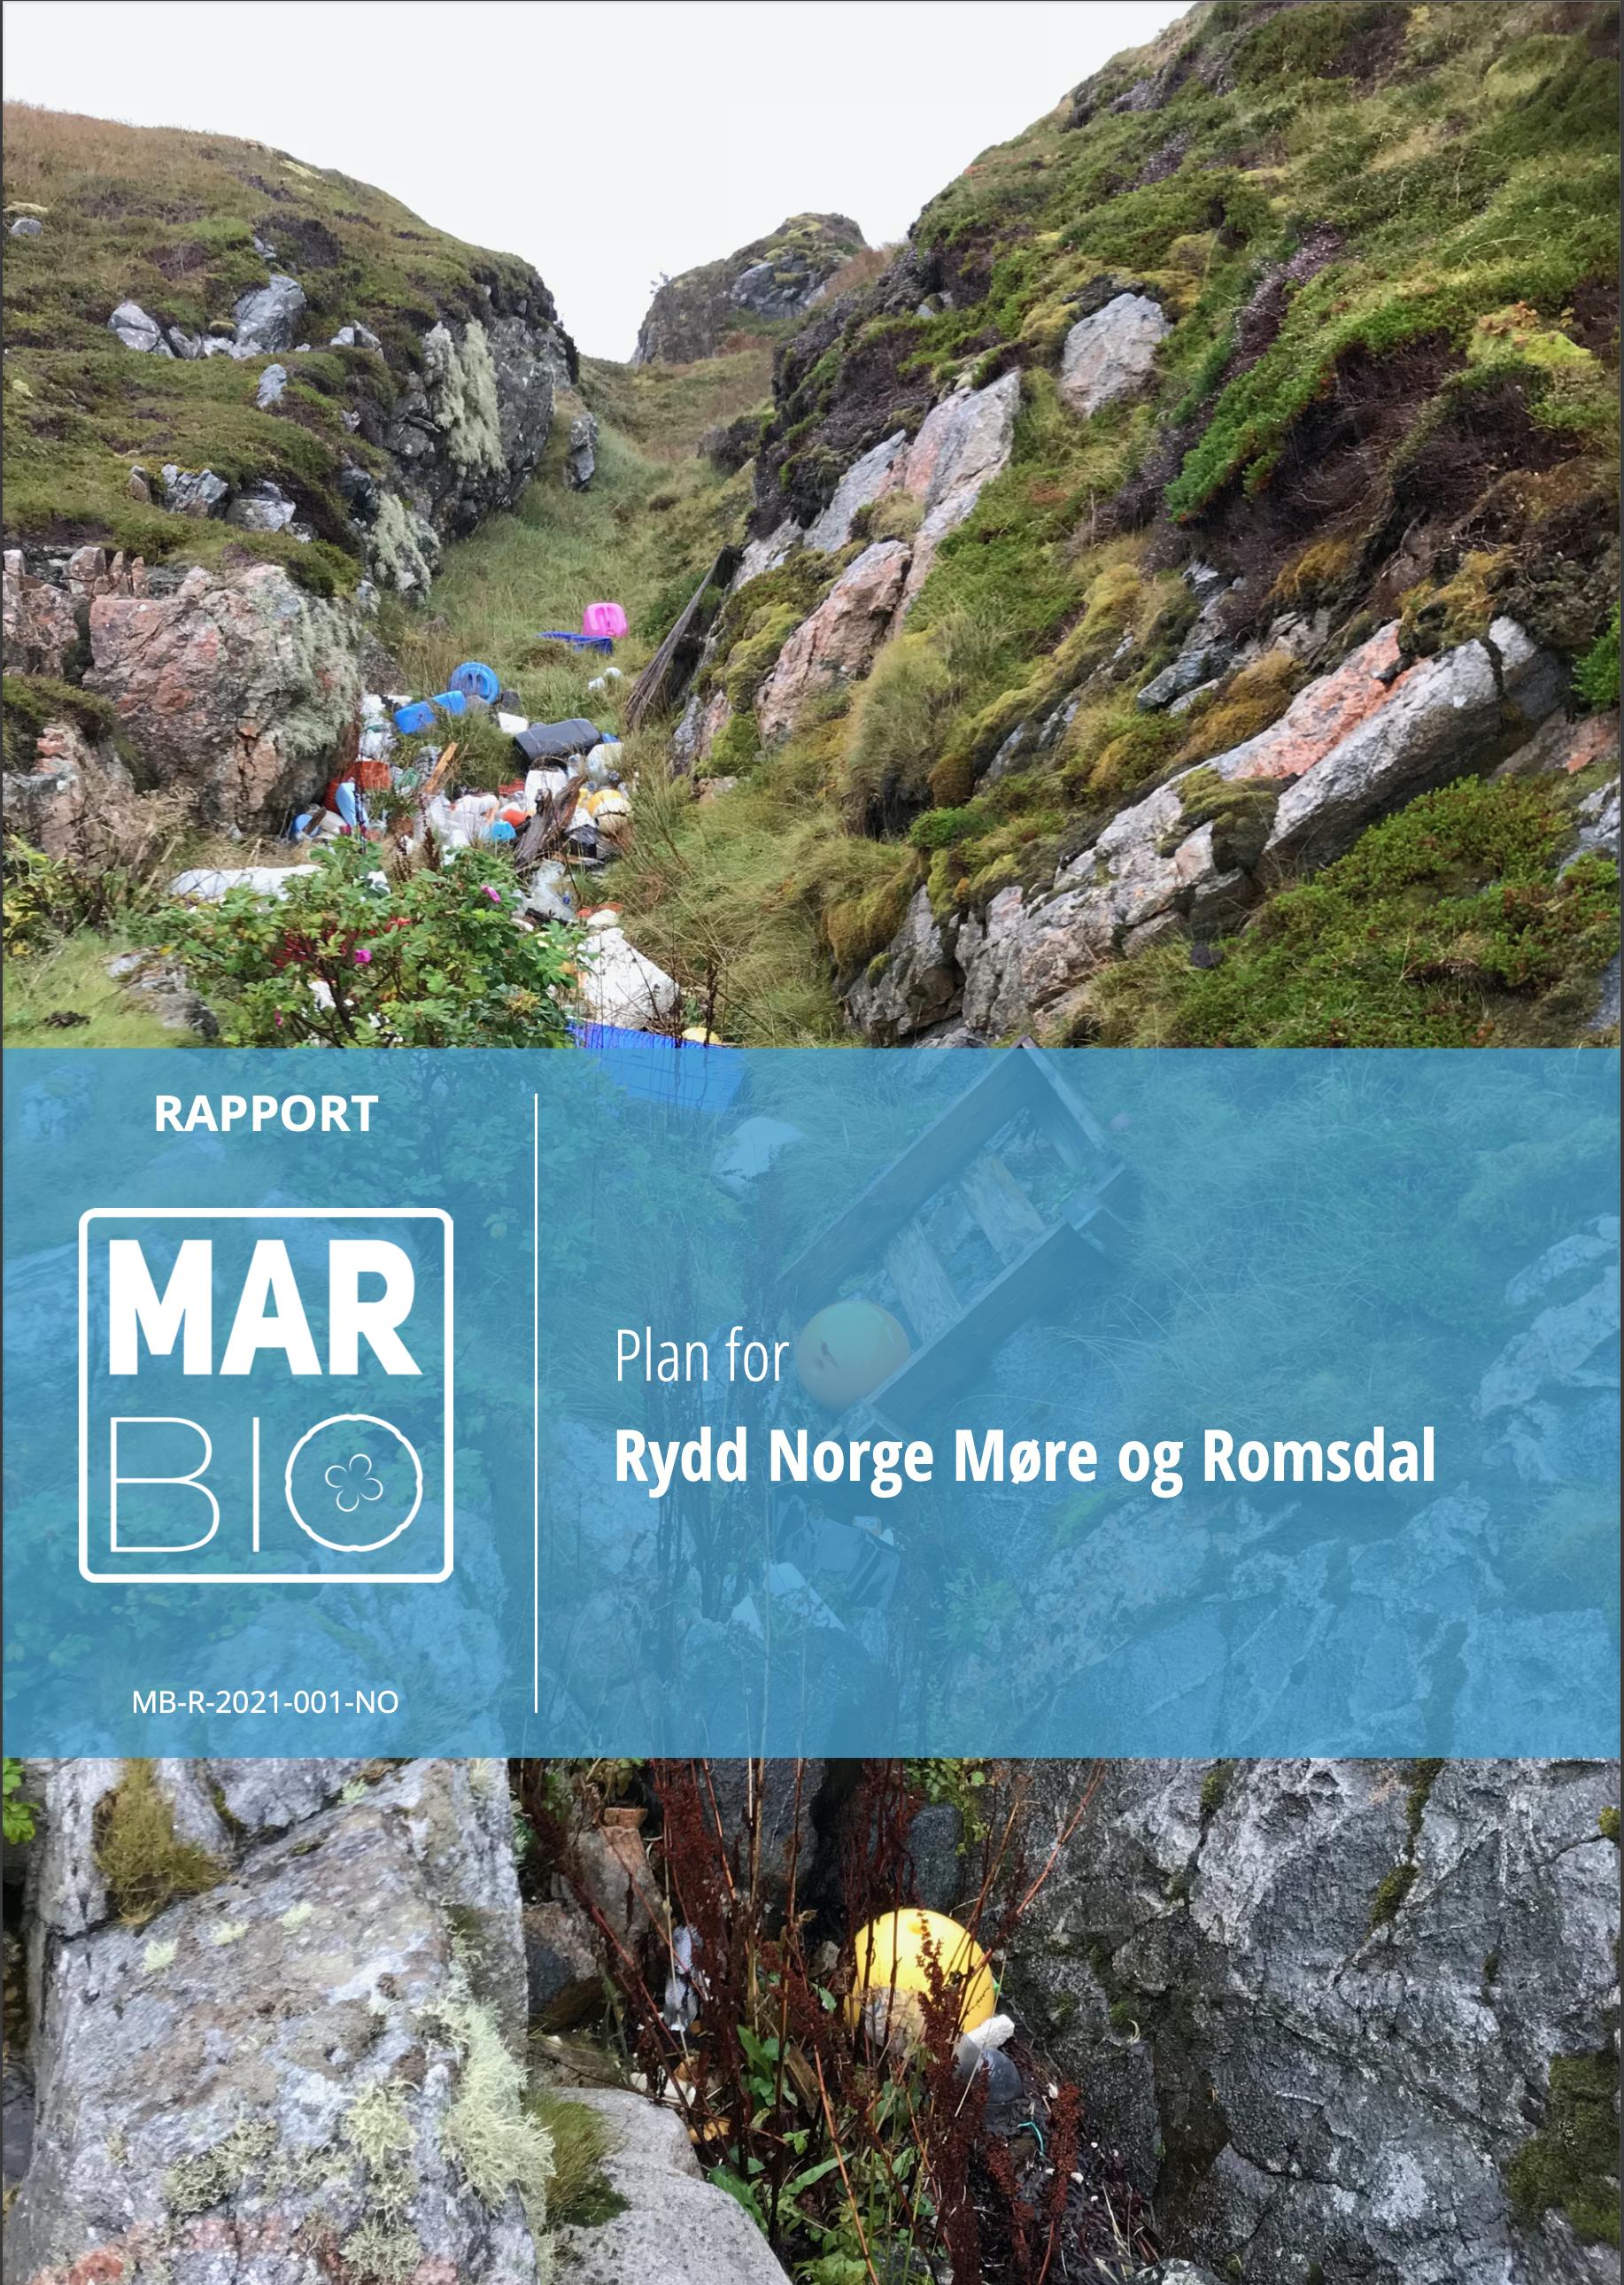 Plan for Rydd Norge Møre og Romsdal